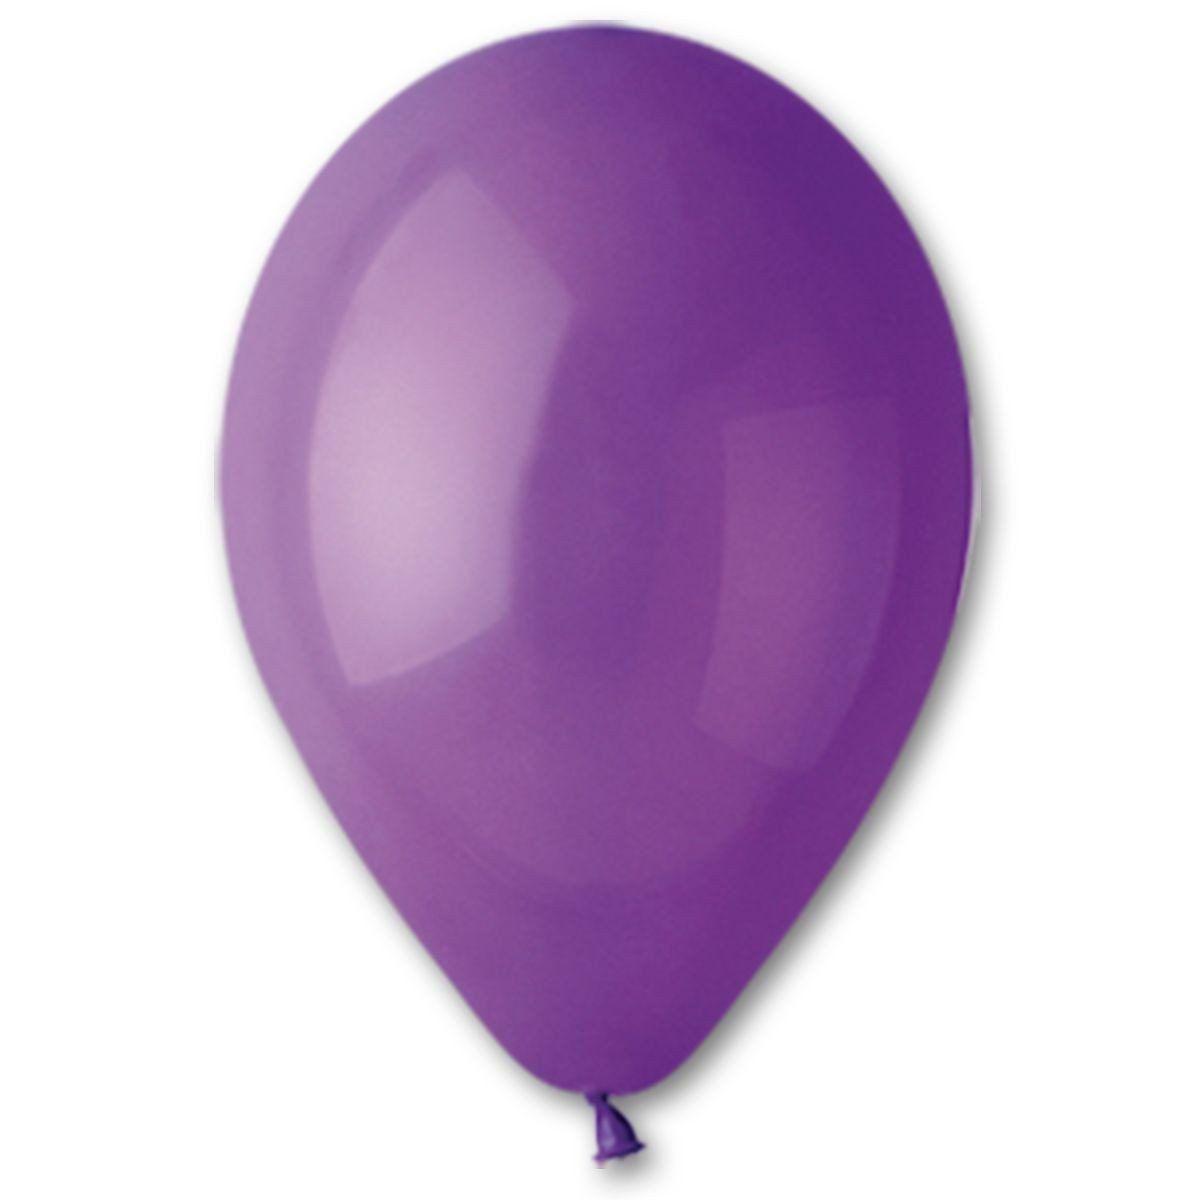 Шары Gemar пастель 5′′/08 пастель фиолетовый 100 шт